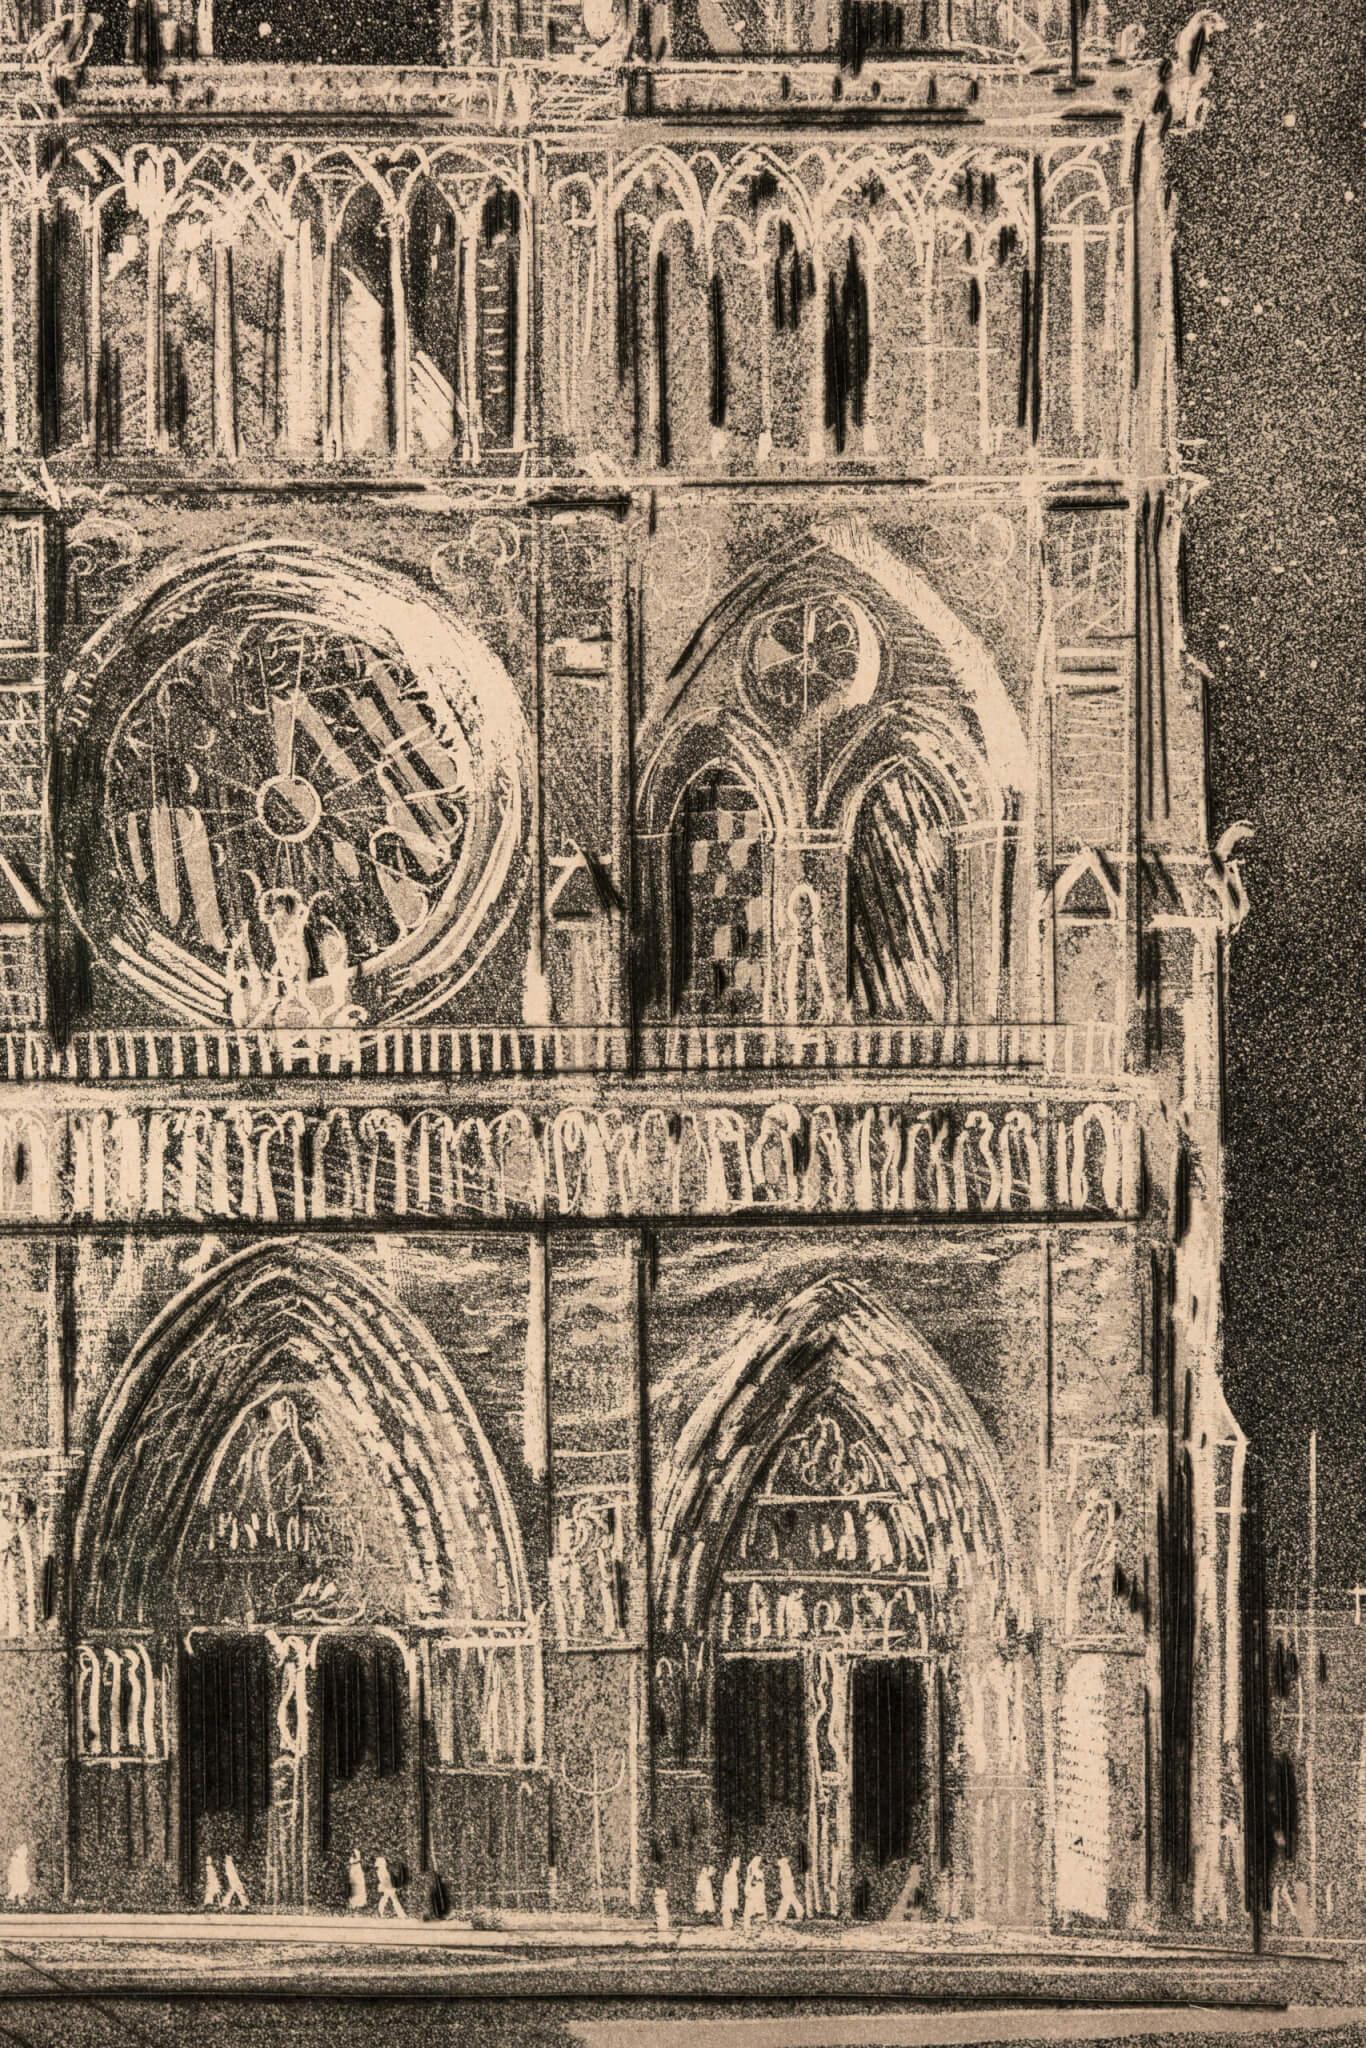 Evald-Okas-Notre-Dame-õhtul-1962-Allee-galerii-oksjon